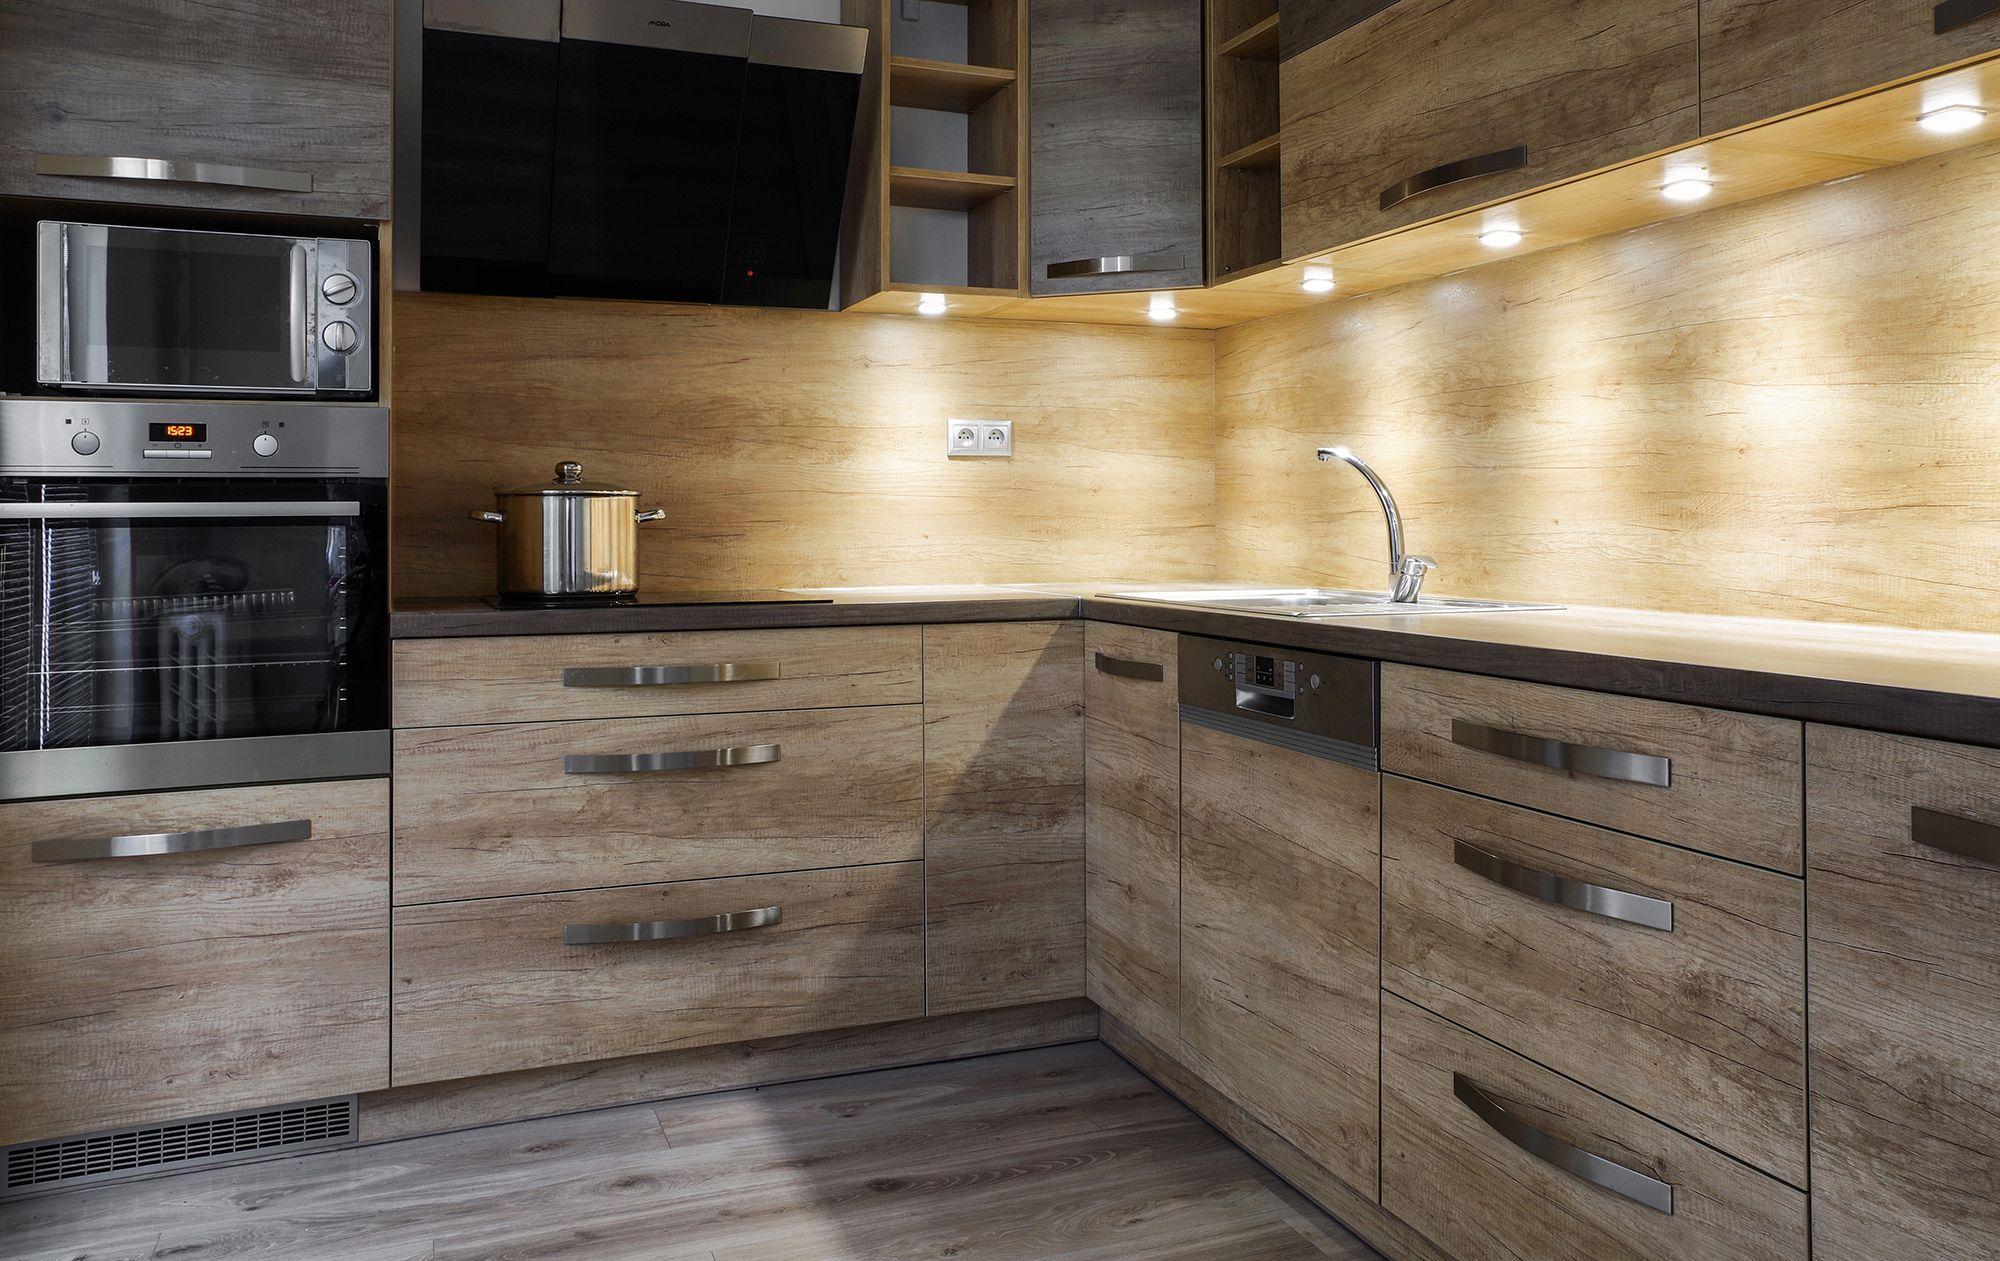 Eshine Puck Lights In 2020 Kitchen Cabinets Kitchen Interior Best Under Cabinet Lighting